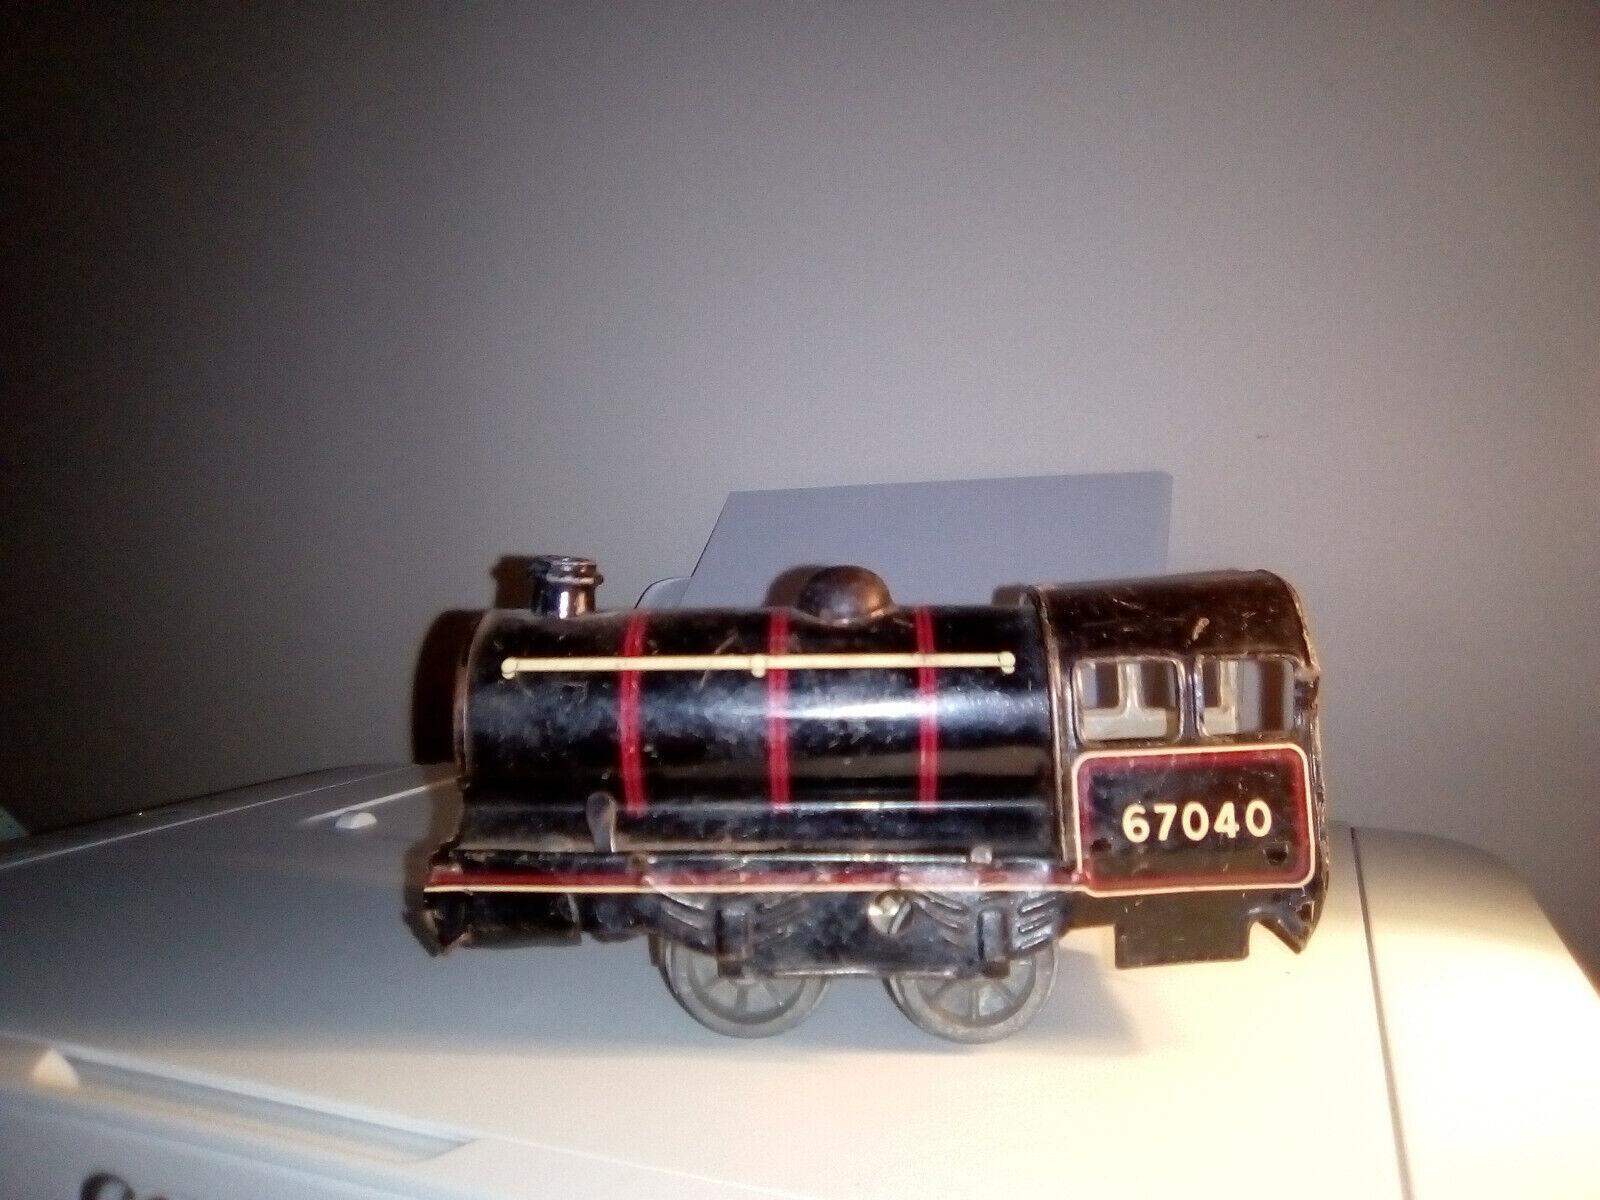 Antiguo Tren Carruaje Estaño Hornby Brimtoy mecánica, Inglaterra década de 1950 Raro